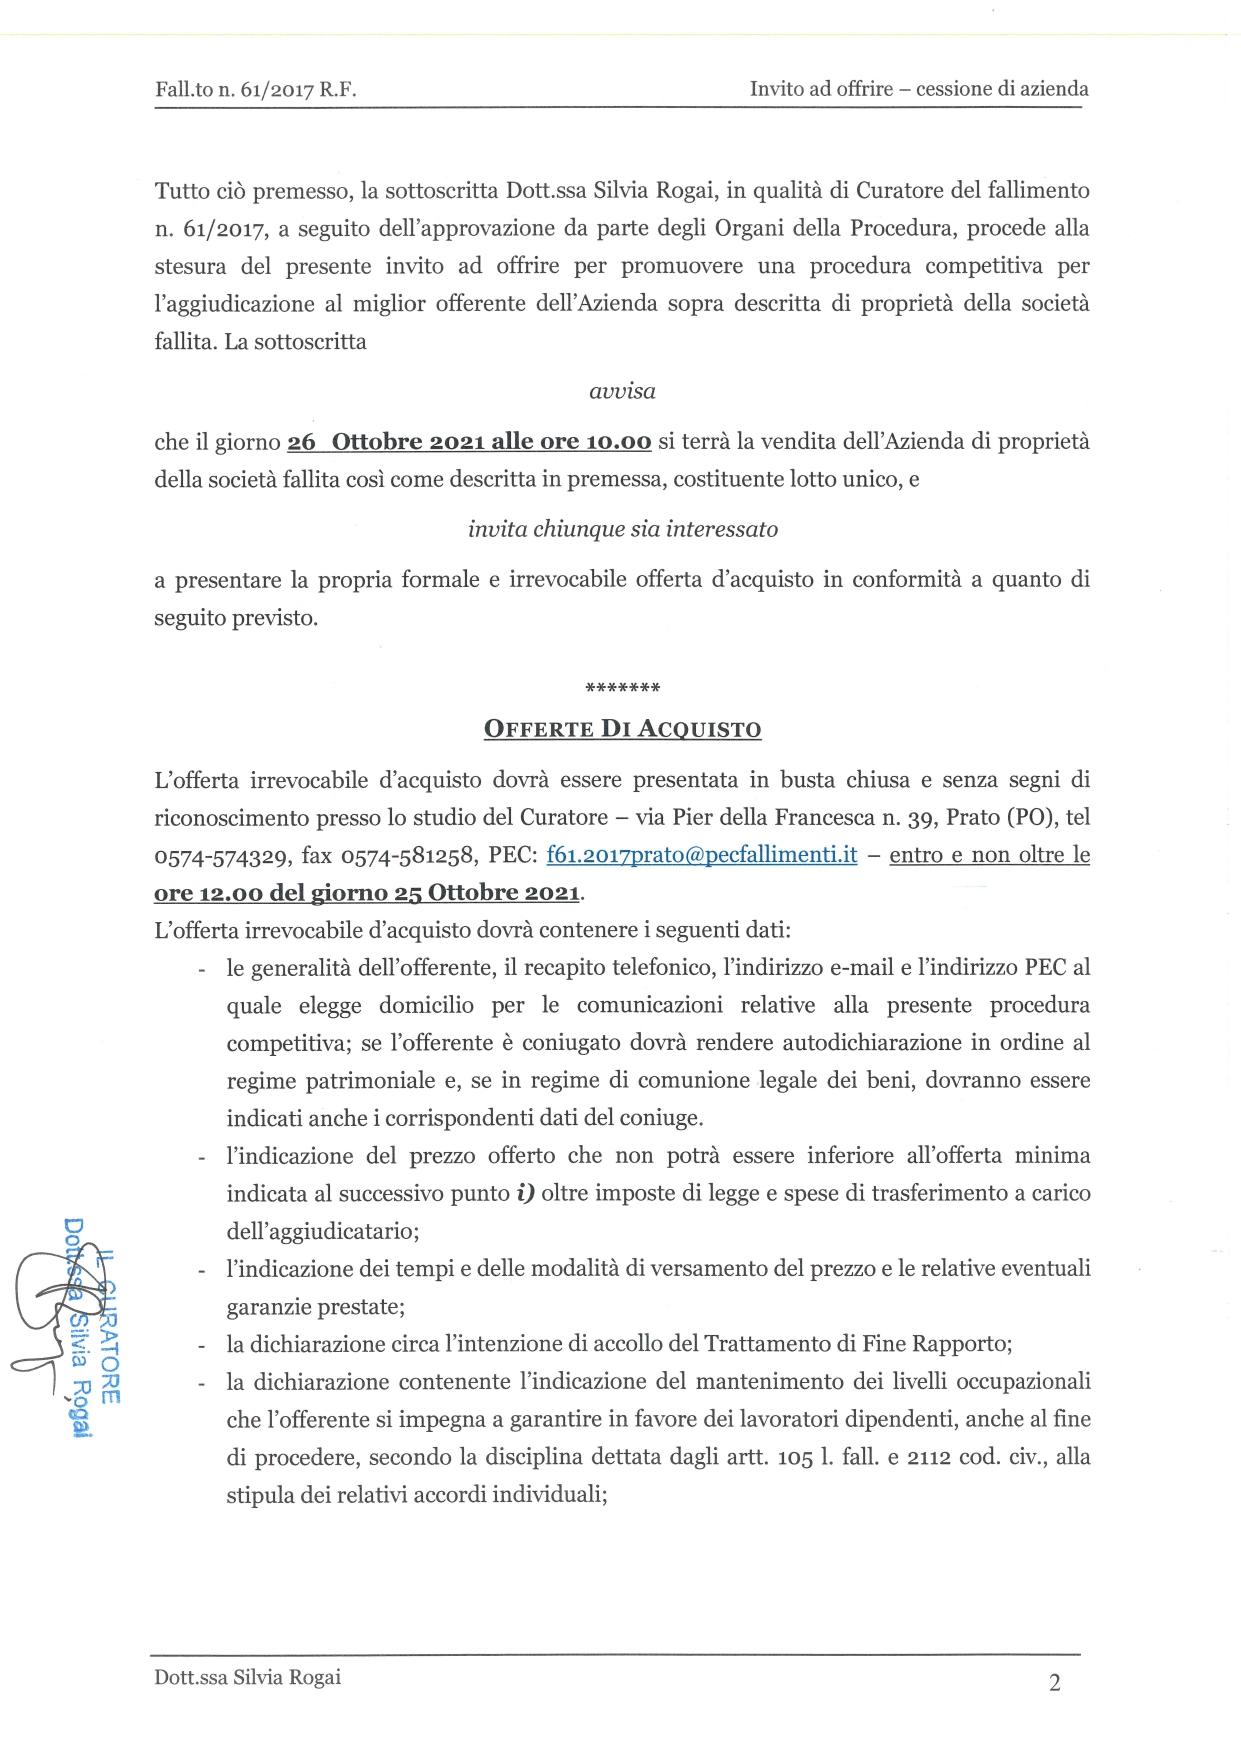 Fall. 61/2017 Trib. di Prato - Cessione azienda operat in vendita - foto 2